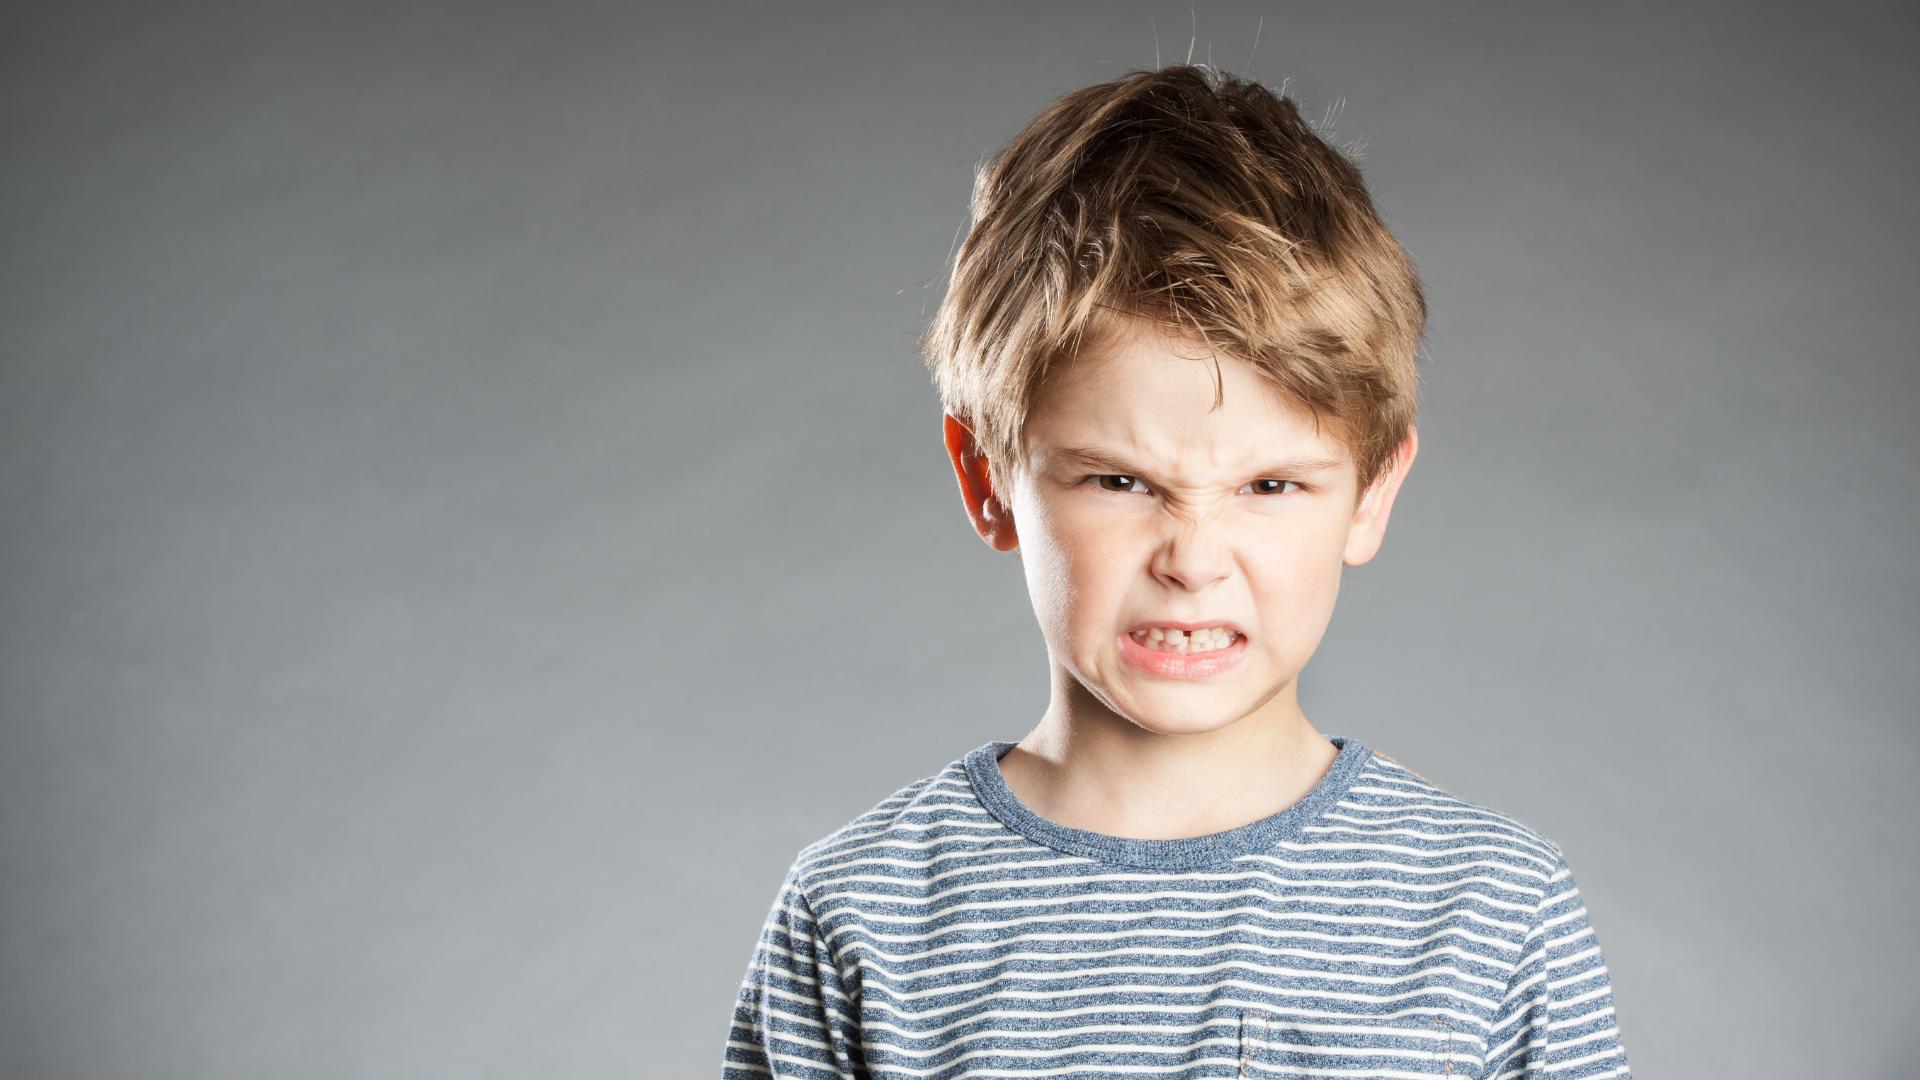 La rabbia nei bambini: cosa la scatena e come gestirla